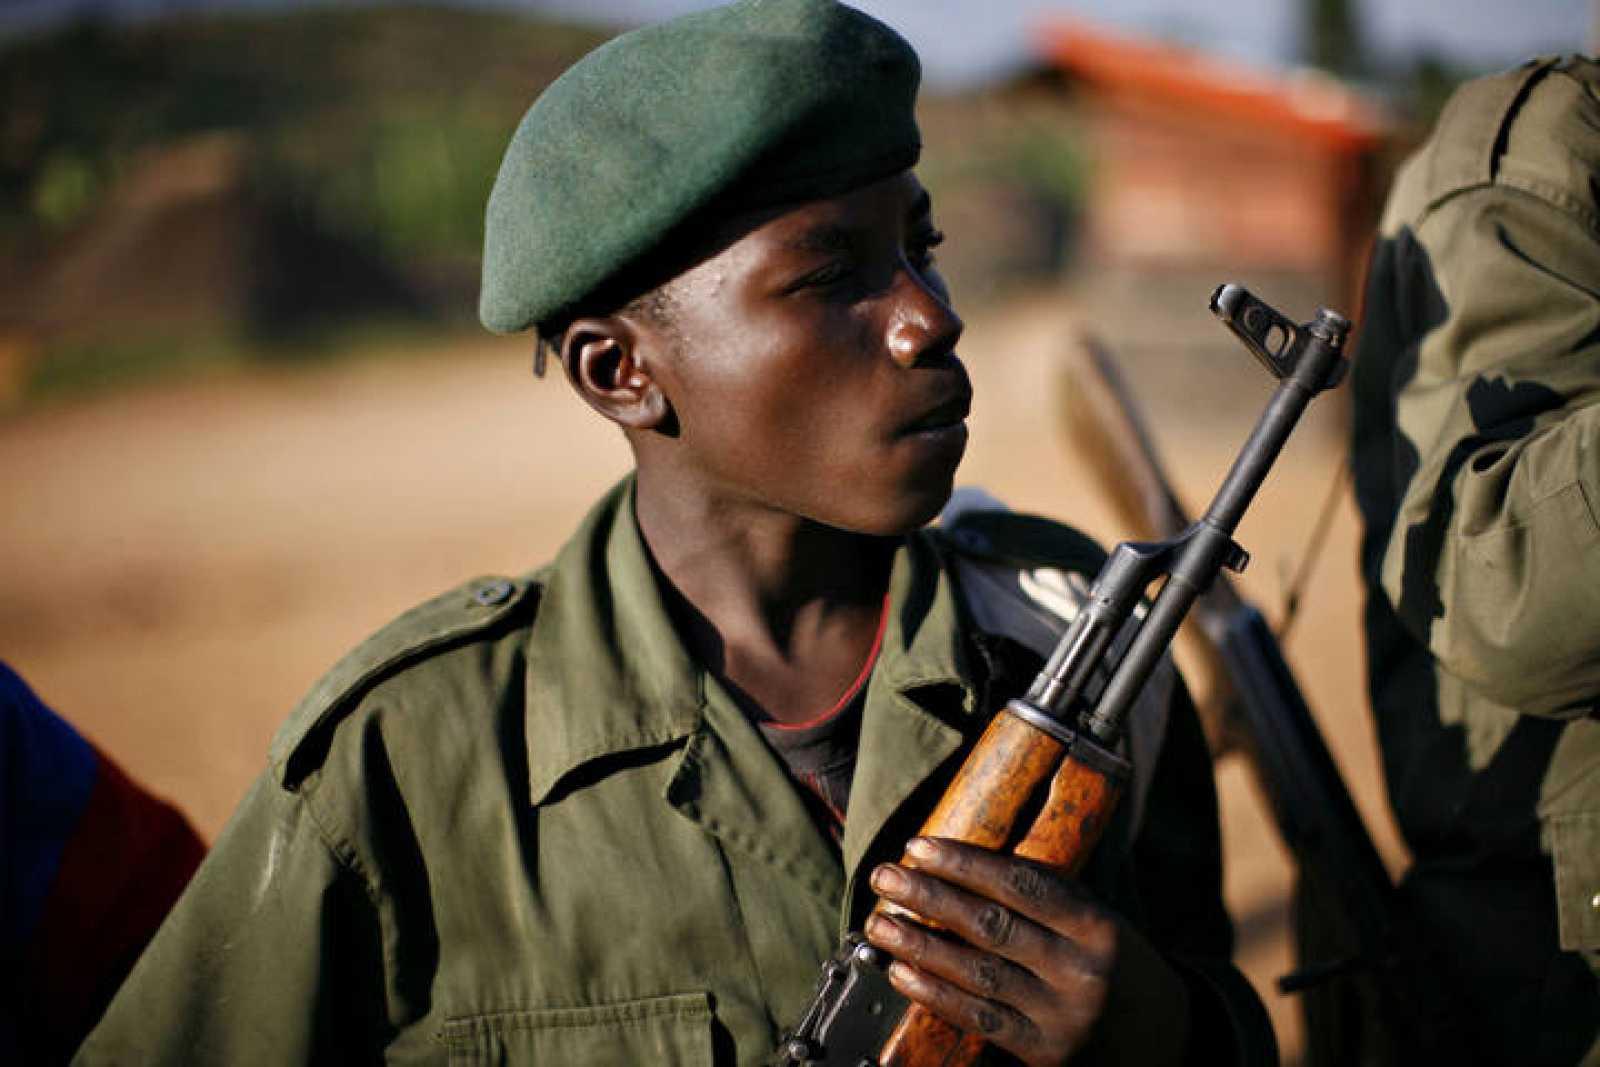 Un niño soldado, en la conflictiva frontera este de la República Democrática del Congo.